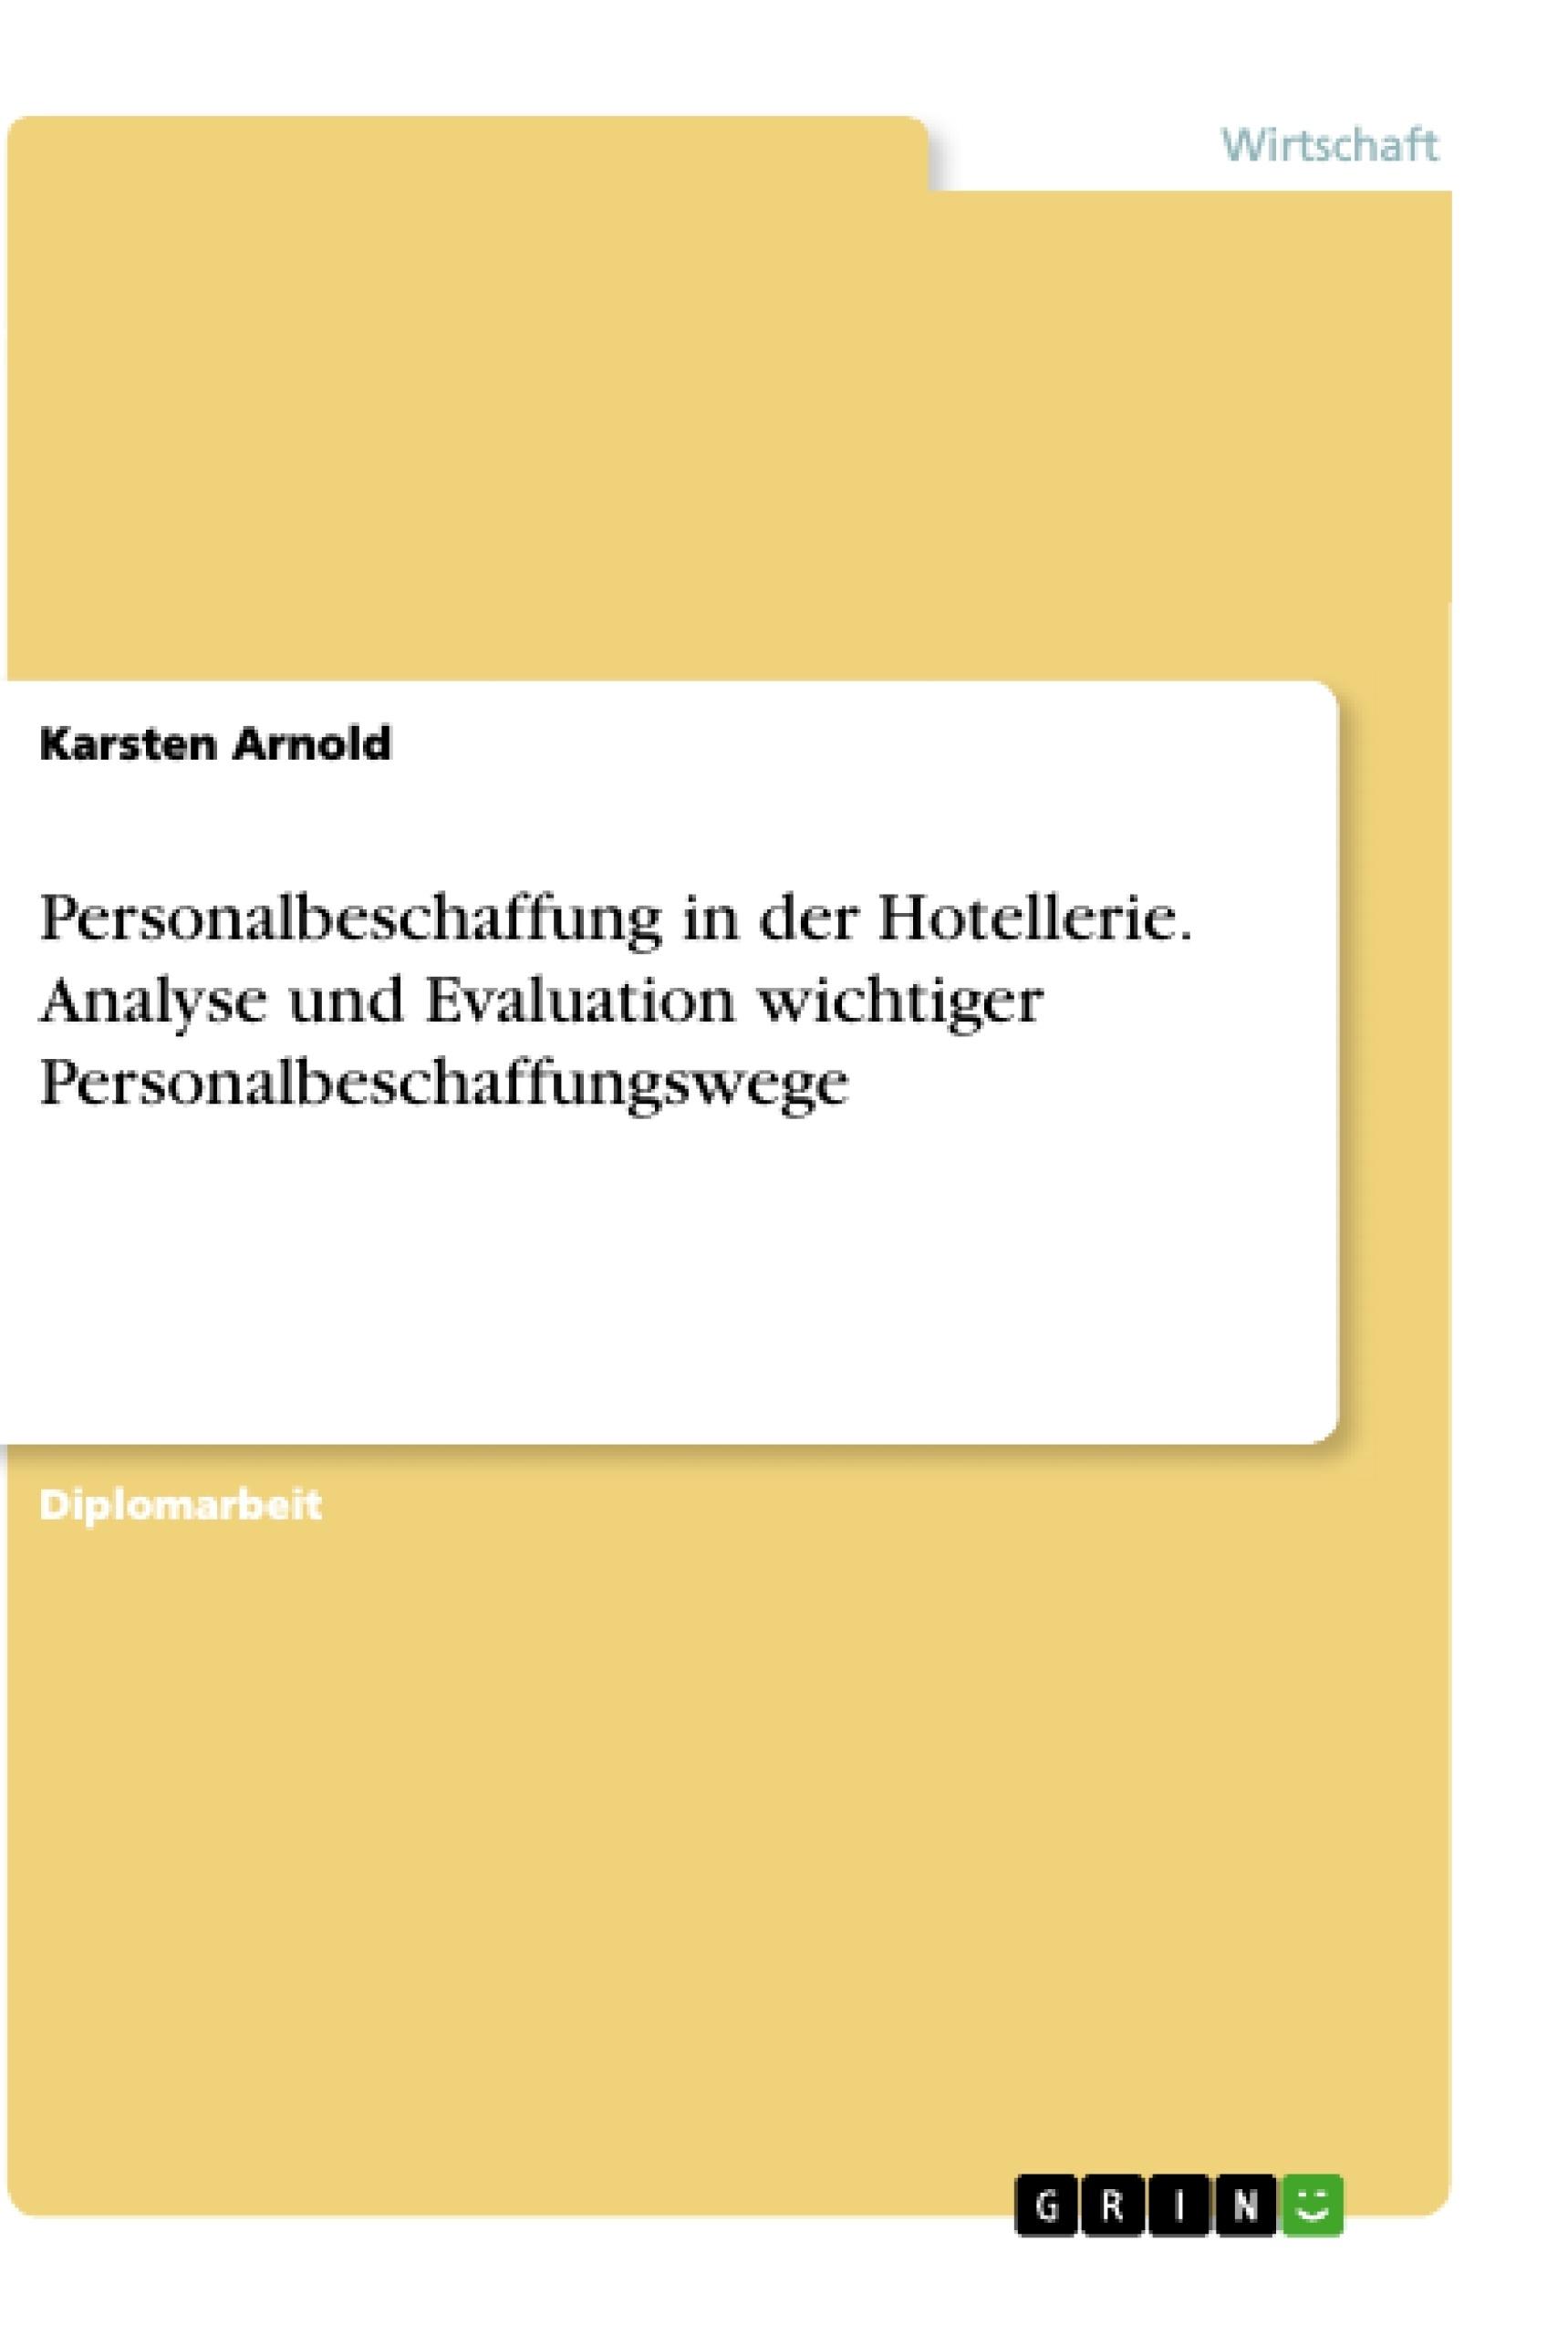 Titel: Personalbeschaffung in der Hotellerie. Analyse und Evaluation wichtiger Personalbeschaffungswege